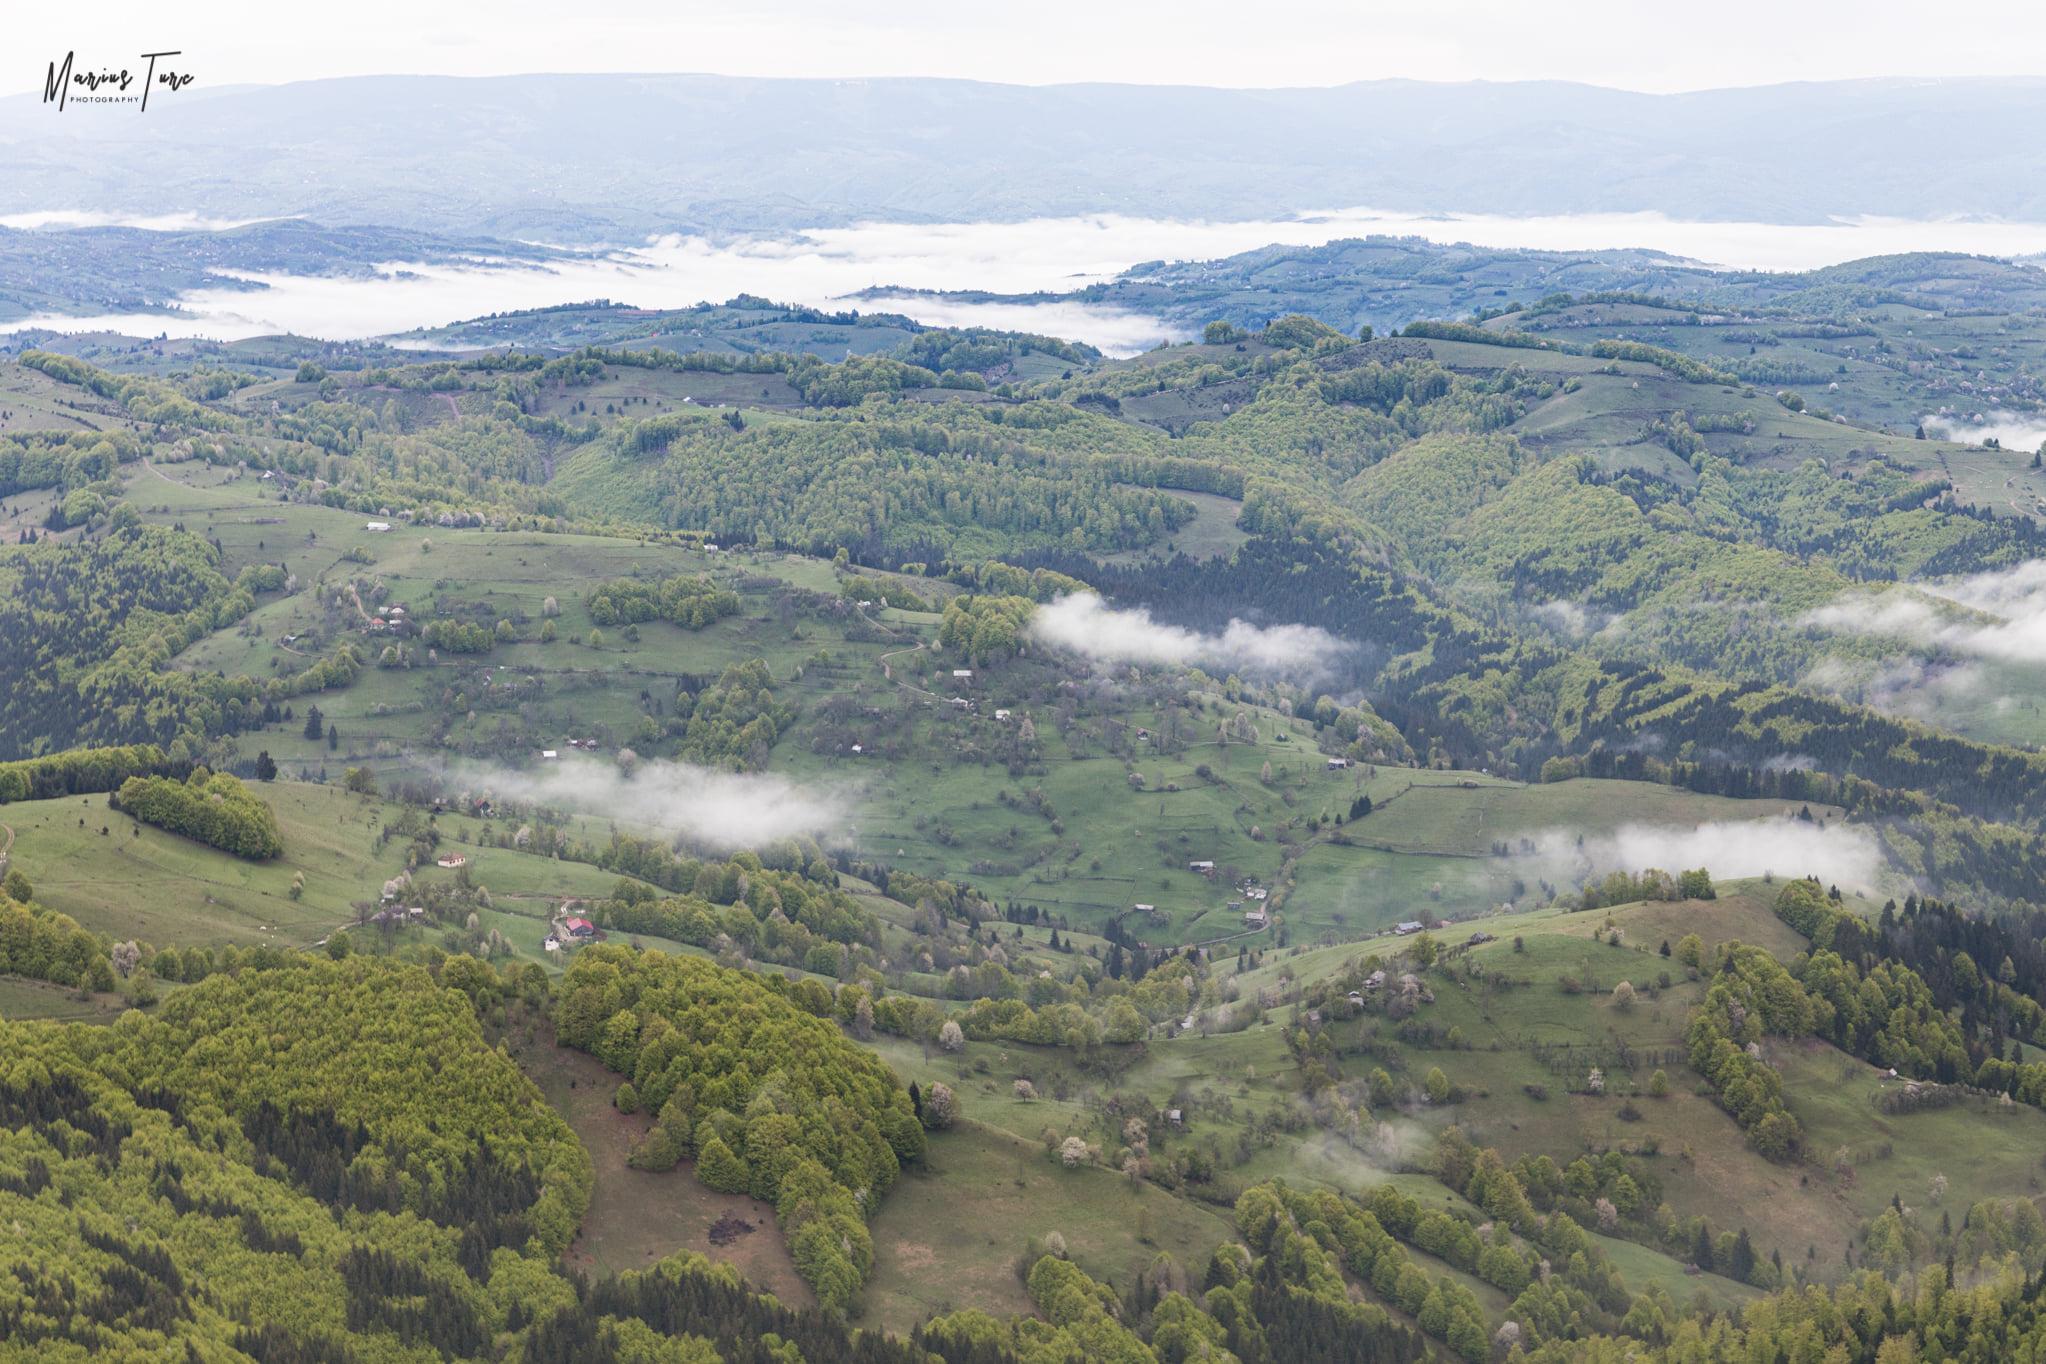 Satul Bodresti, rasfirat spre Tara Abrudului - Marius Turc